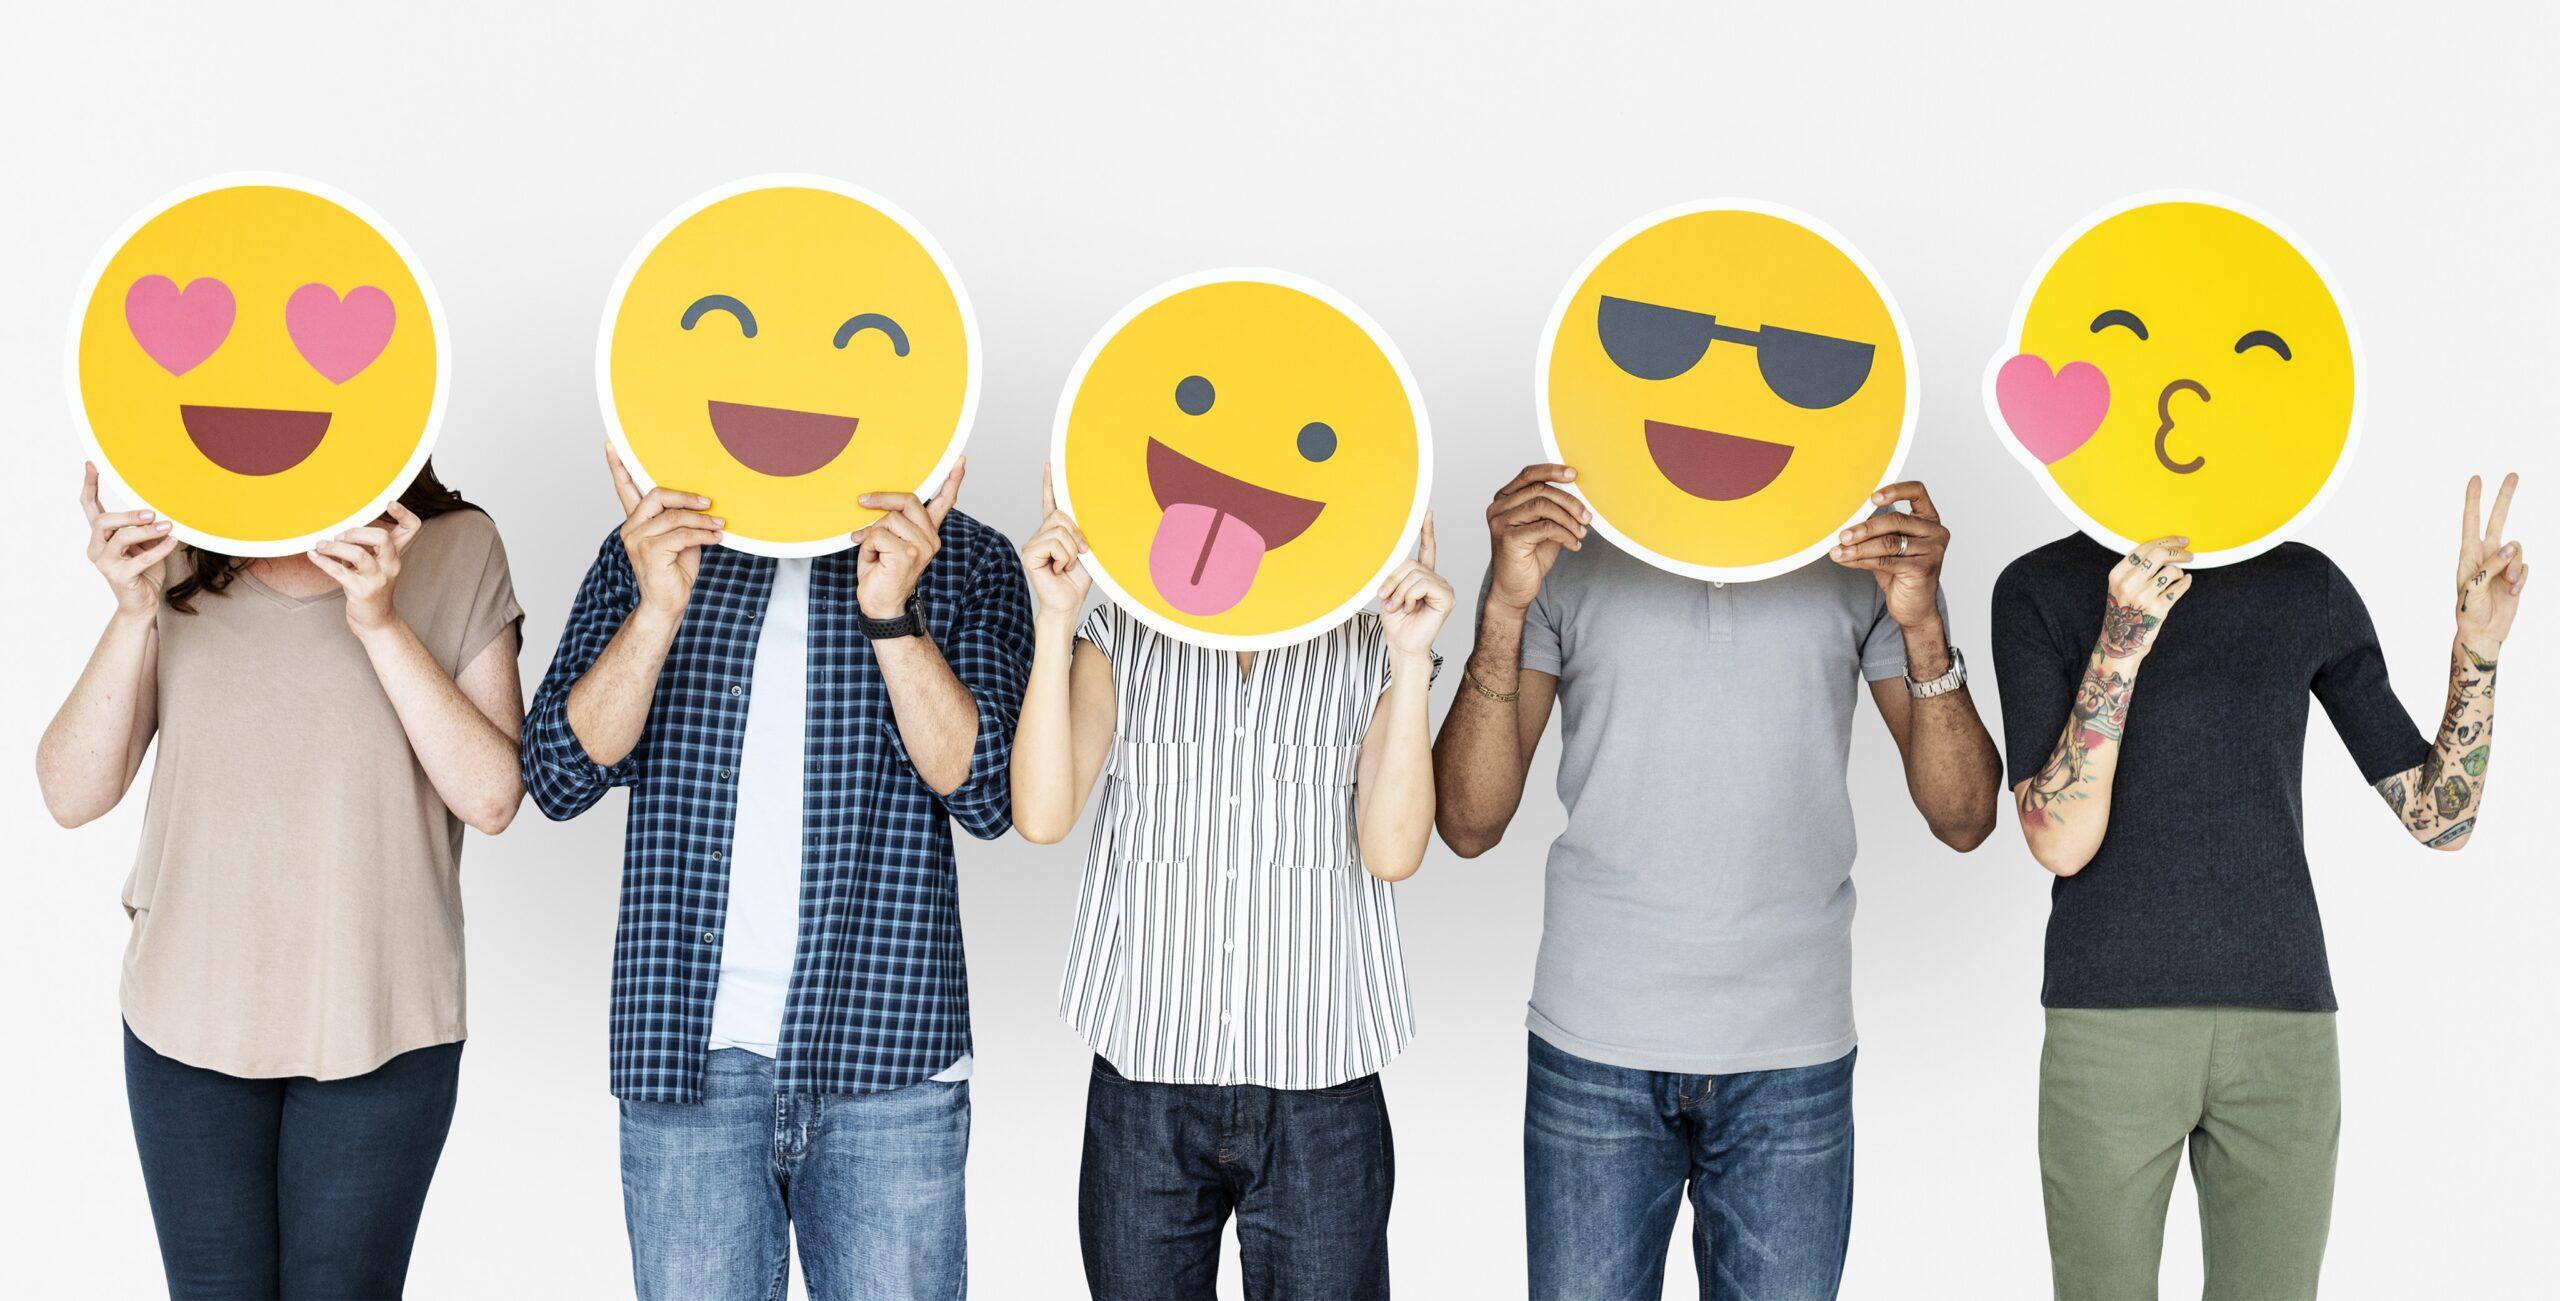 Billede af fem mennesker med emojis for ansigterne